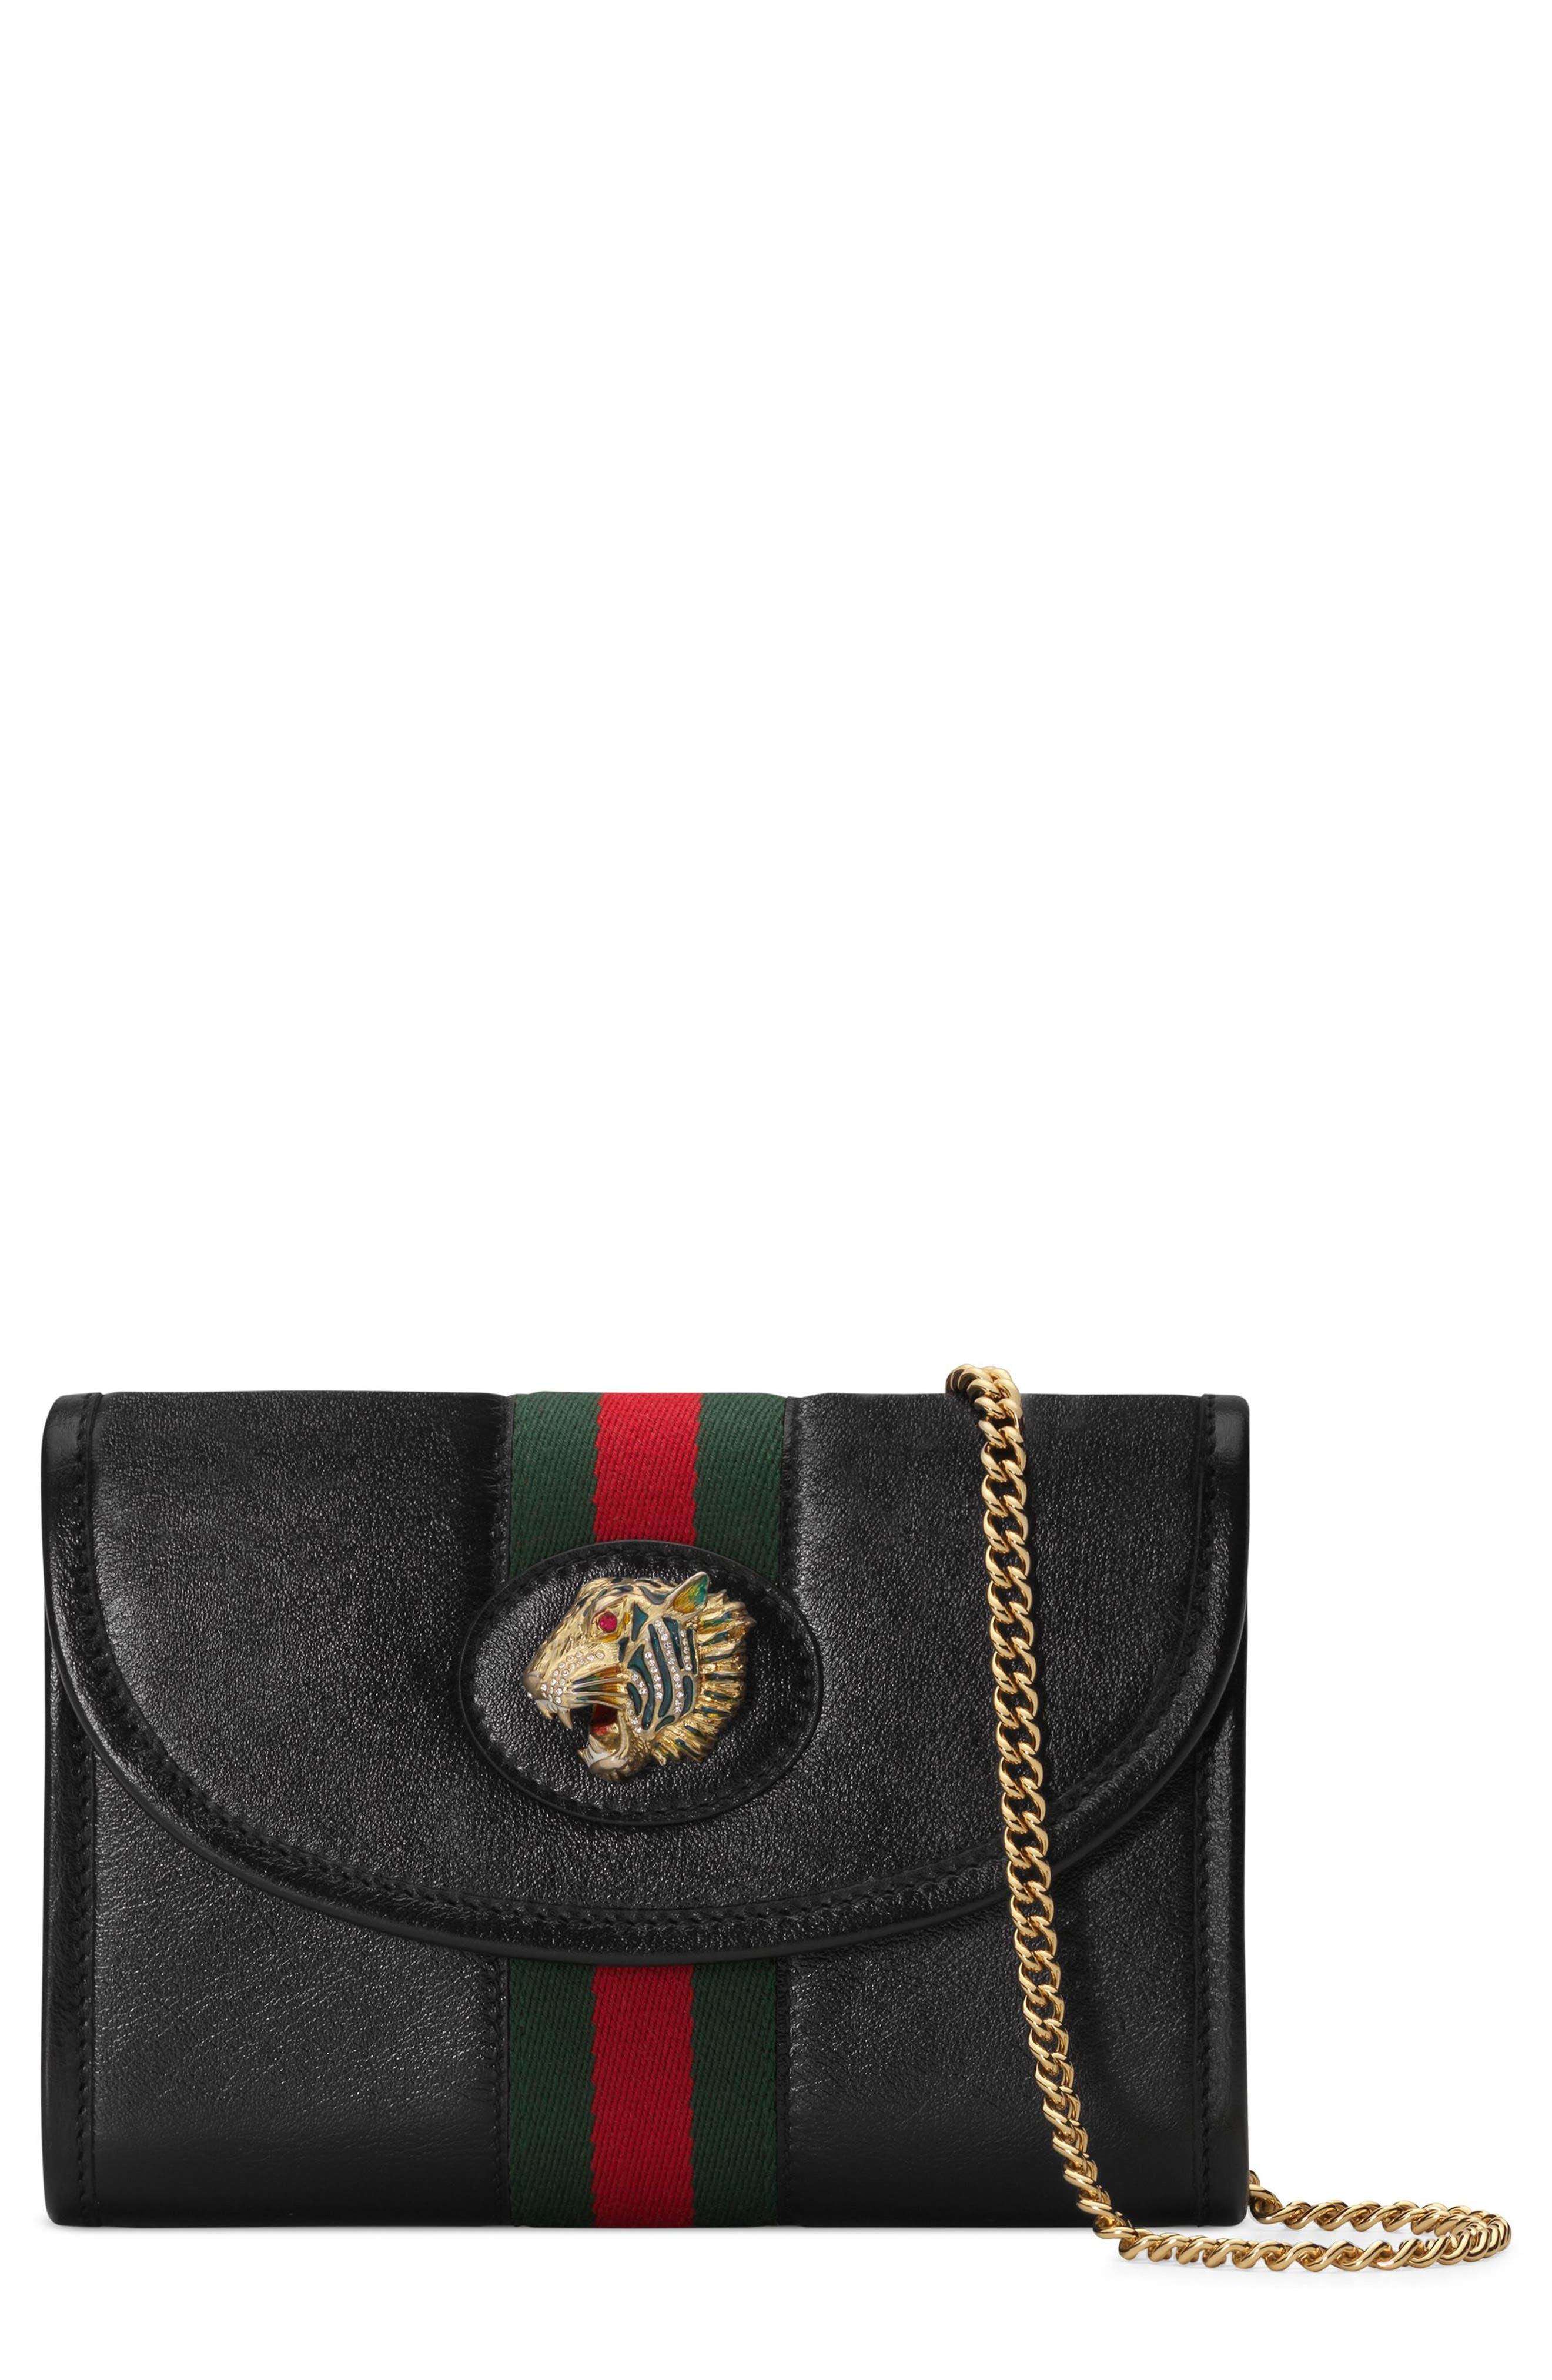 Mini Rajah Leather Crossbody Bag, Main, color, NERO/ VERT RED MULTI